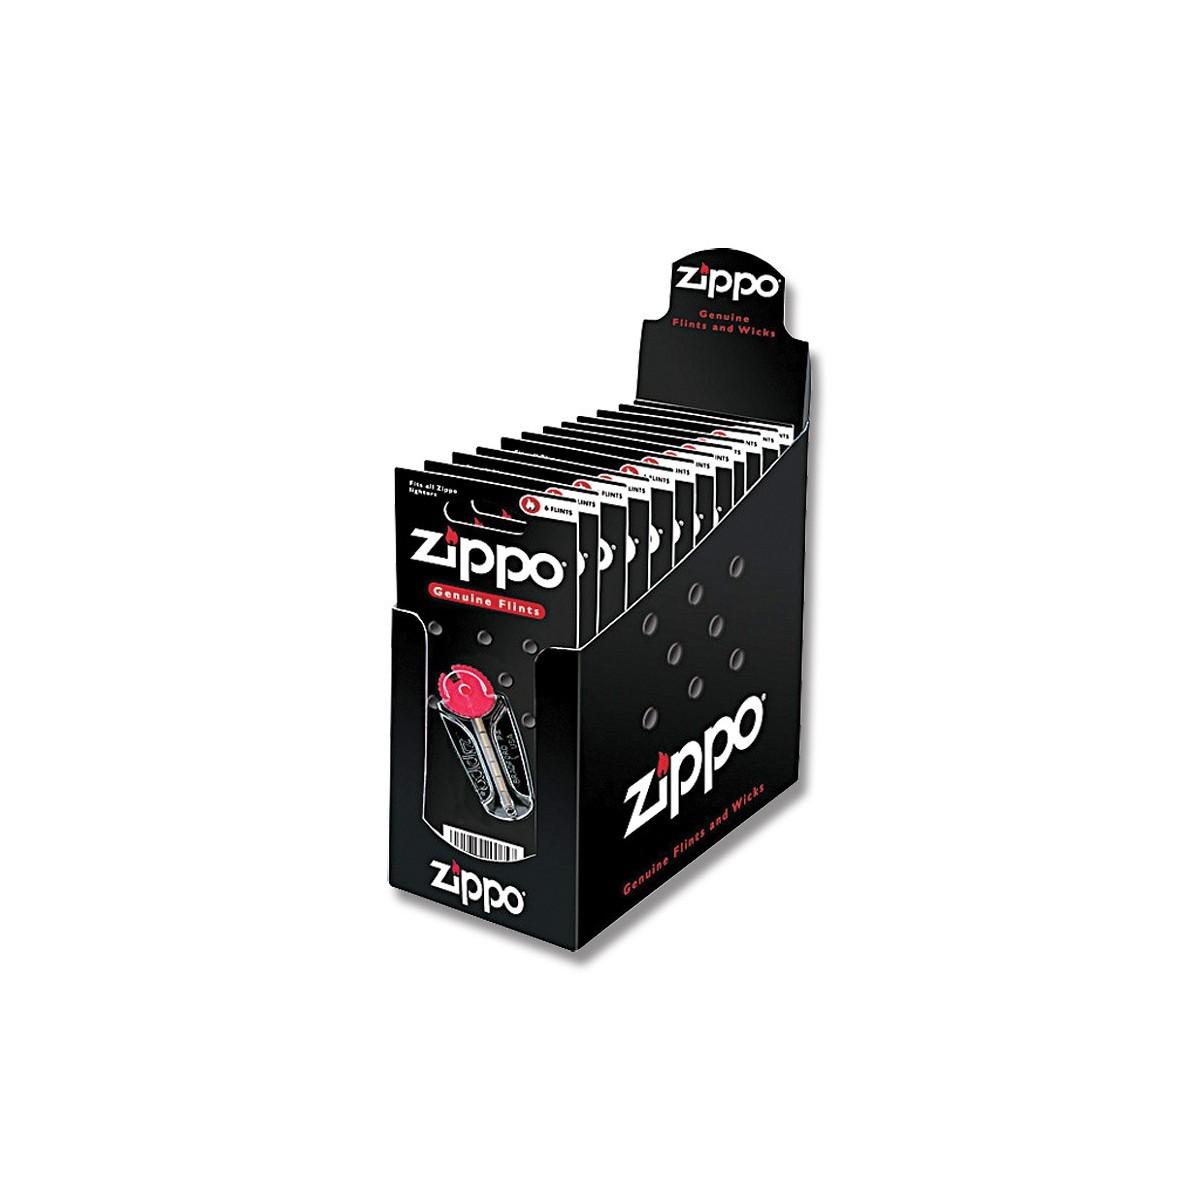 ถ่านไฟแชคซิปโป้ Zippo 6 Genuine Replacement Flints,2406N